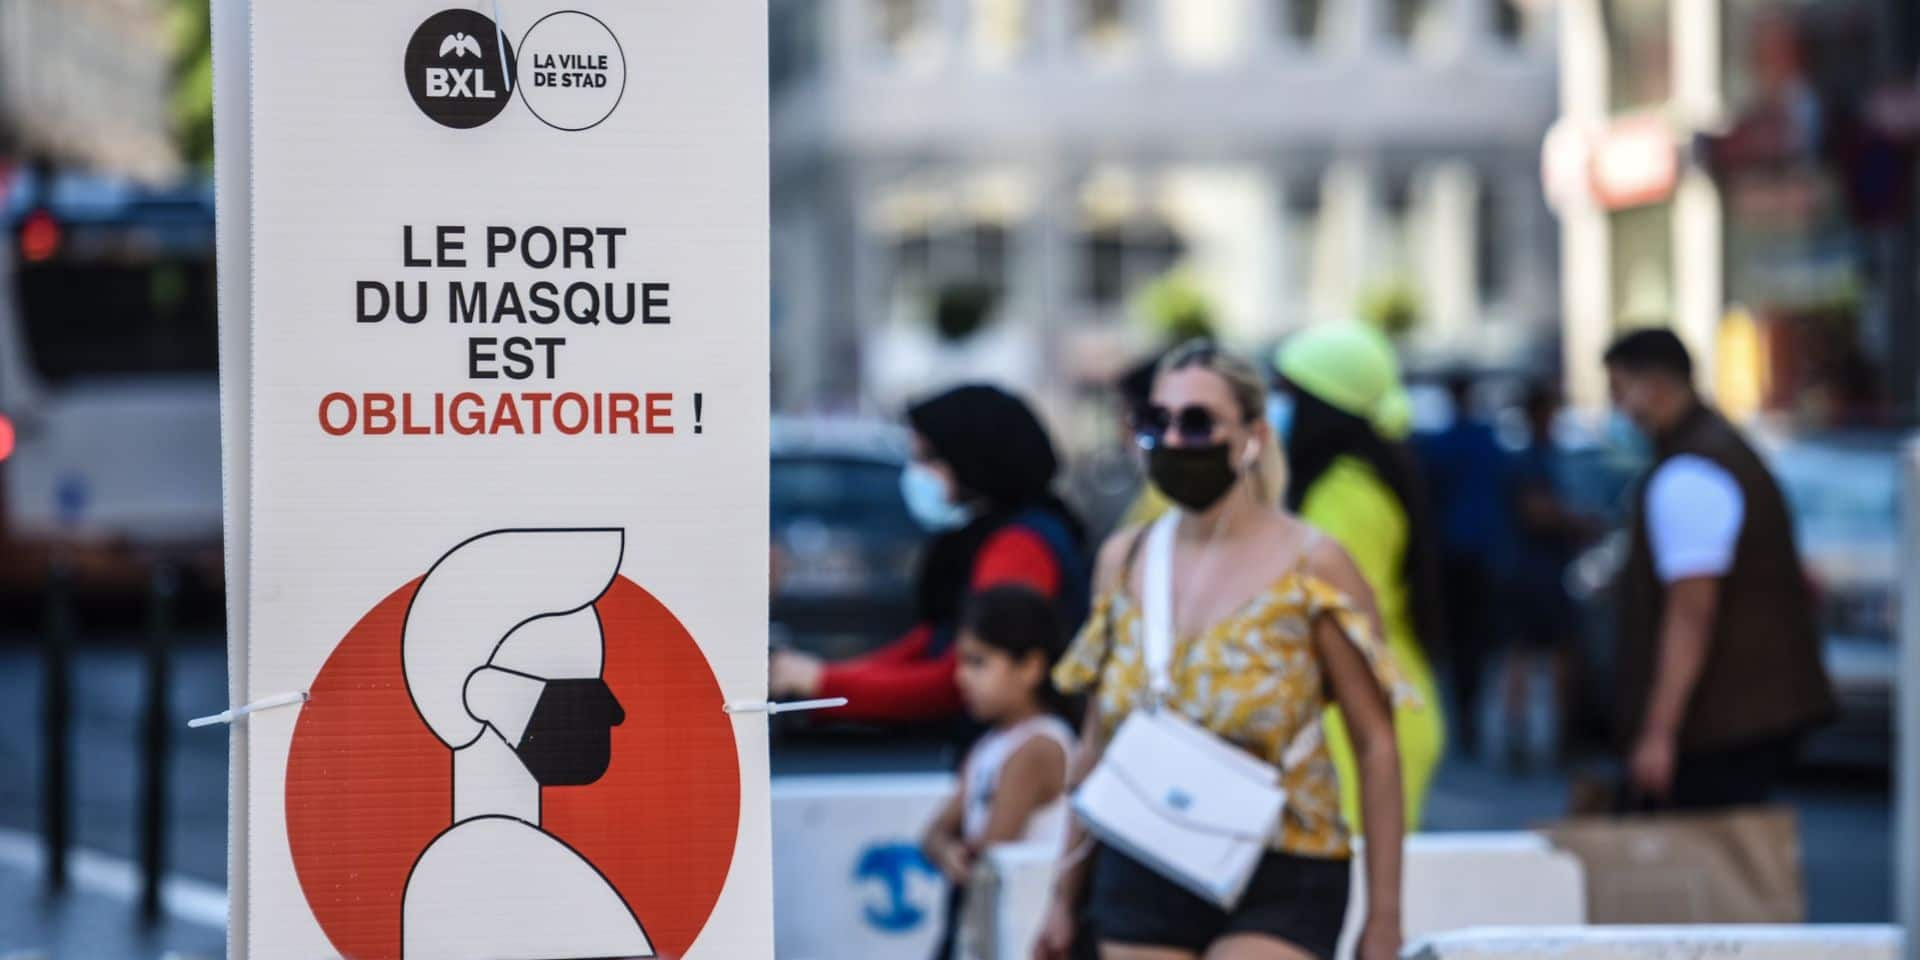 1.500 PV judiciaires délivrés pour non-respect du port du masque à Bruxelles-Ville